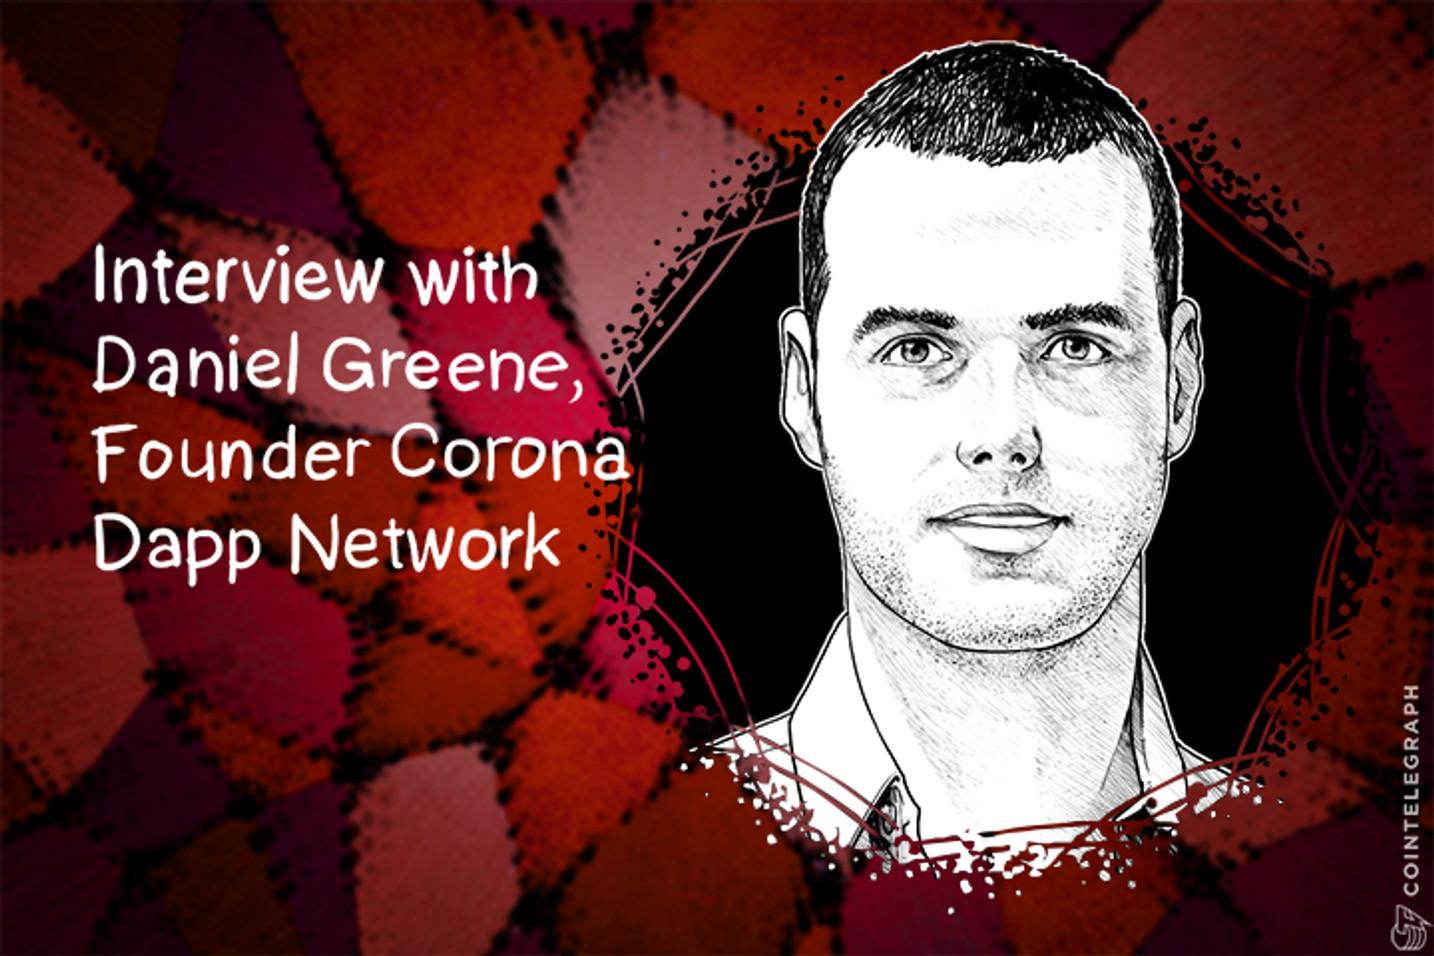 Decentralization Is A Market Force: Inside The Corona Dapp Network With Daniel Greene